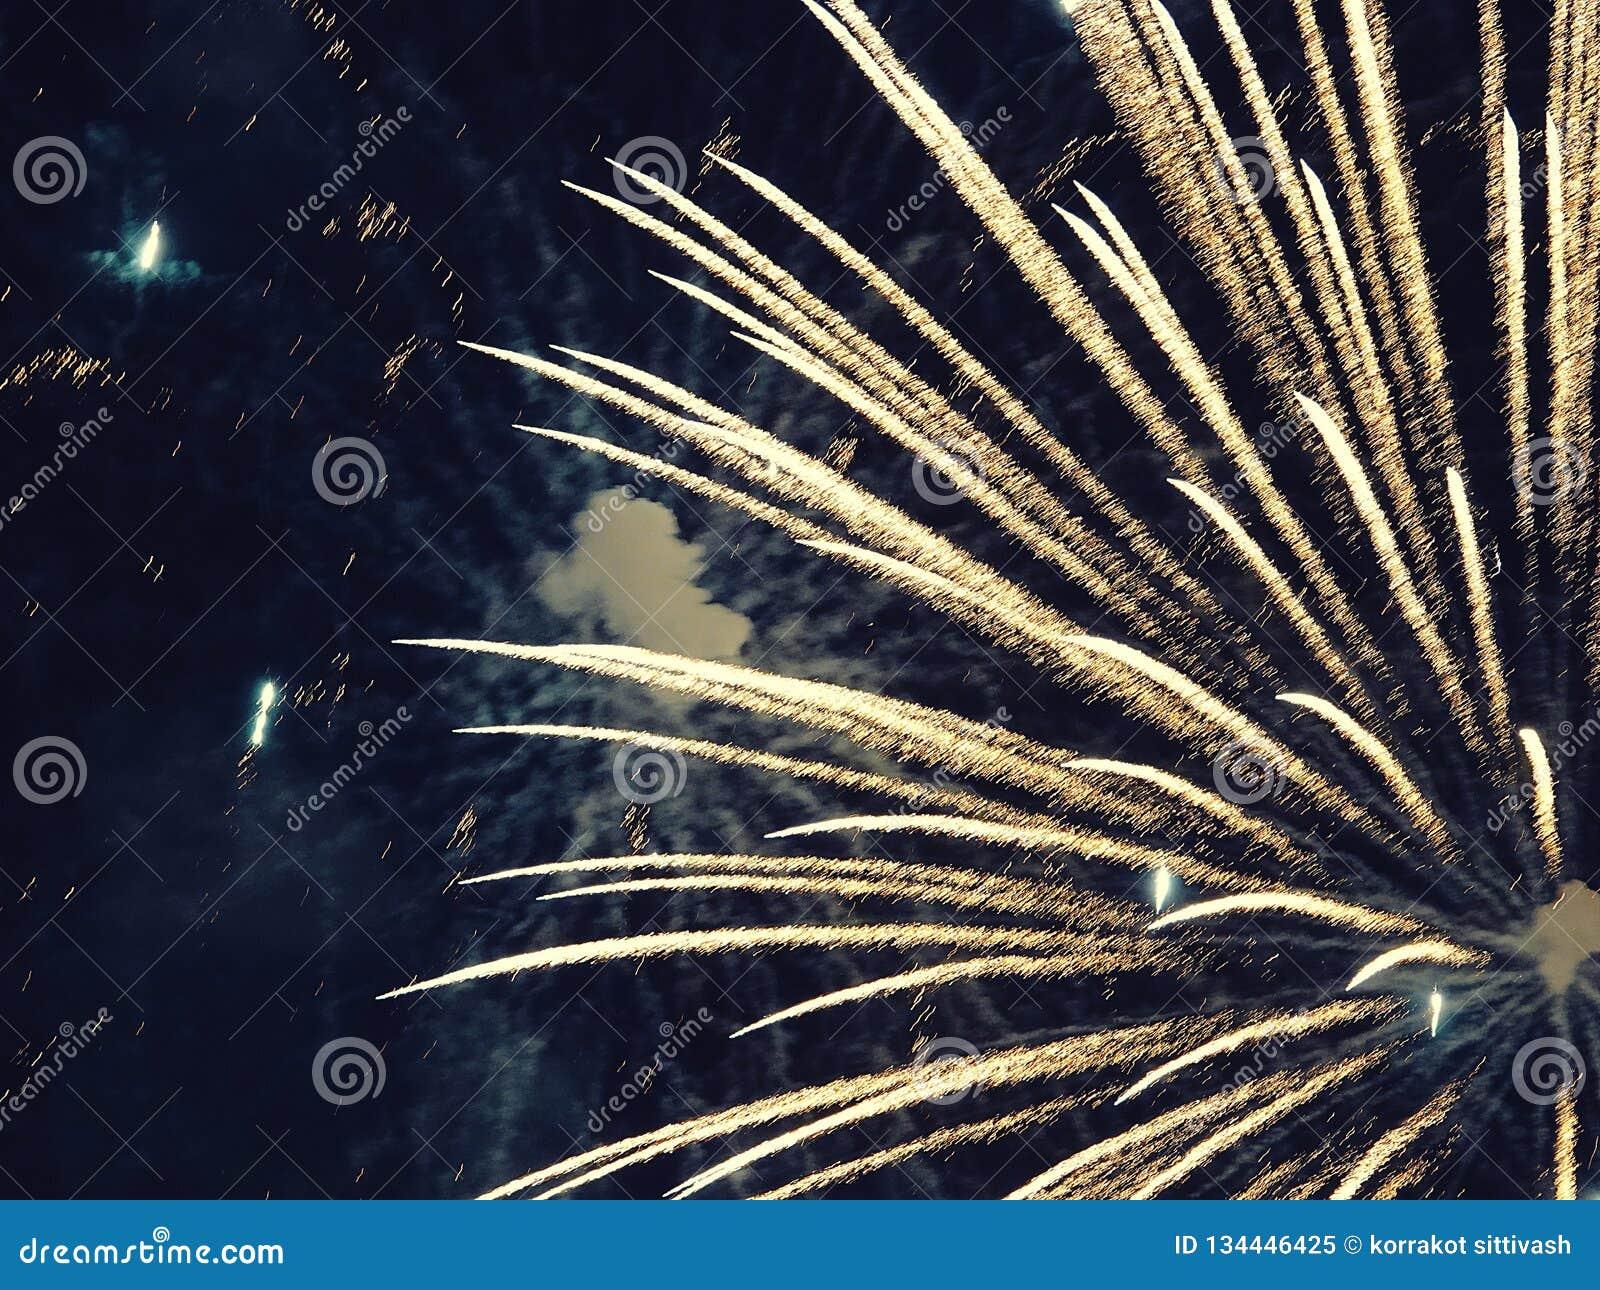 Zusammenfassung, Feuerwerke, unscharfes Bild Abstraktes Hintergrundmuster der weißen Sterne auf dunkelroter Auslegung Licht mit g